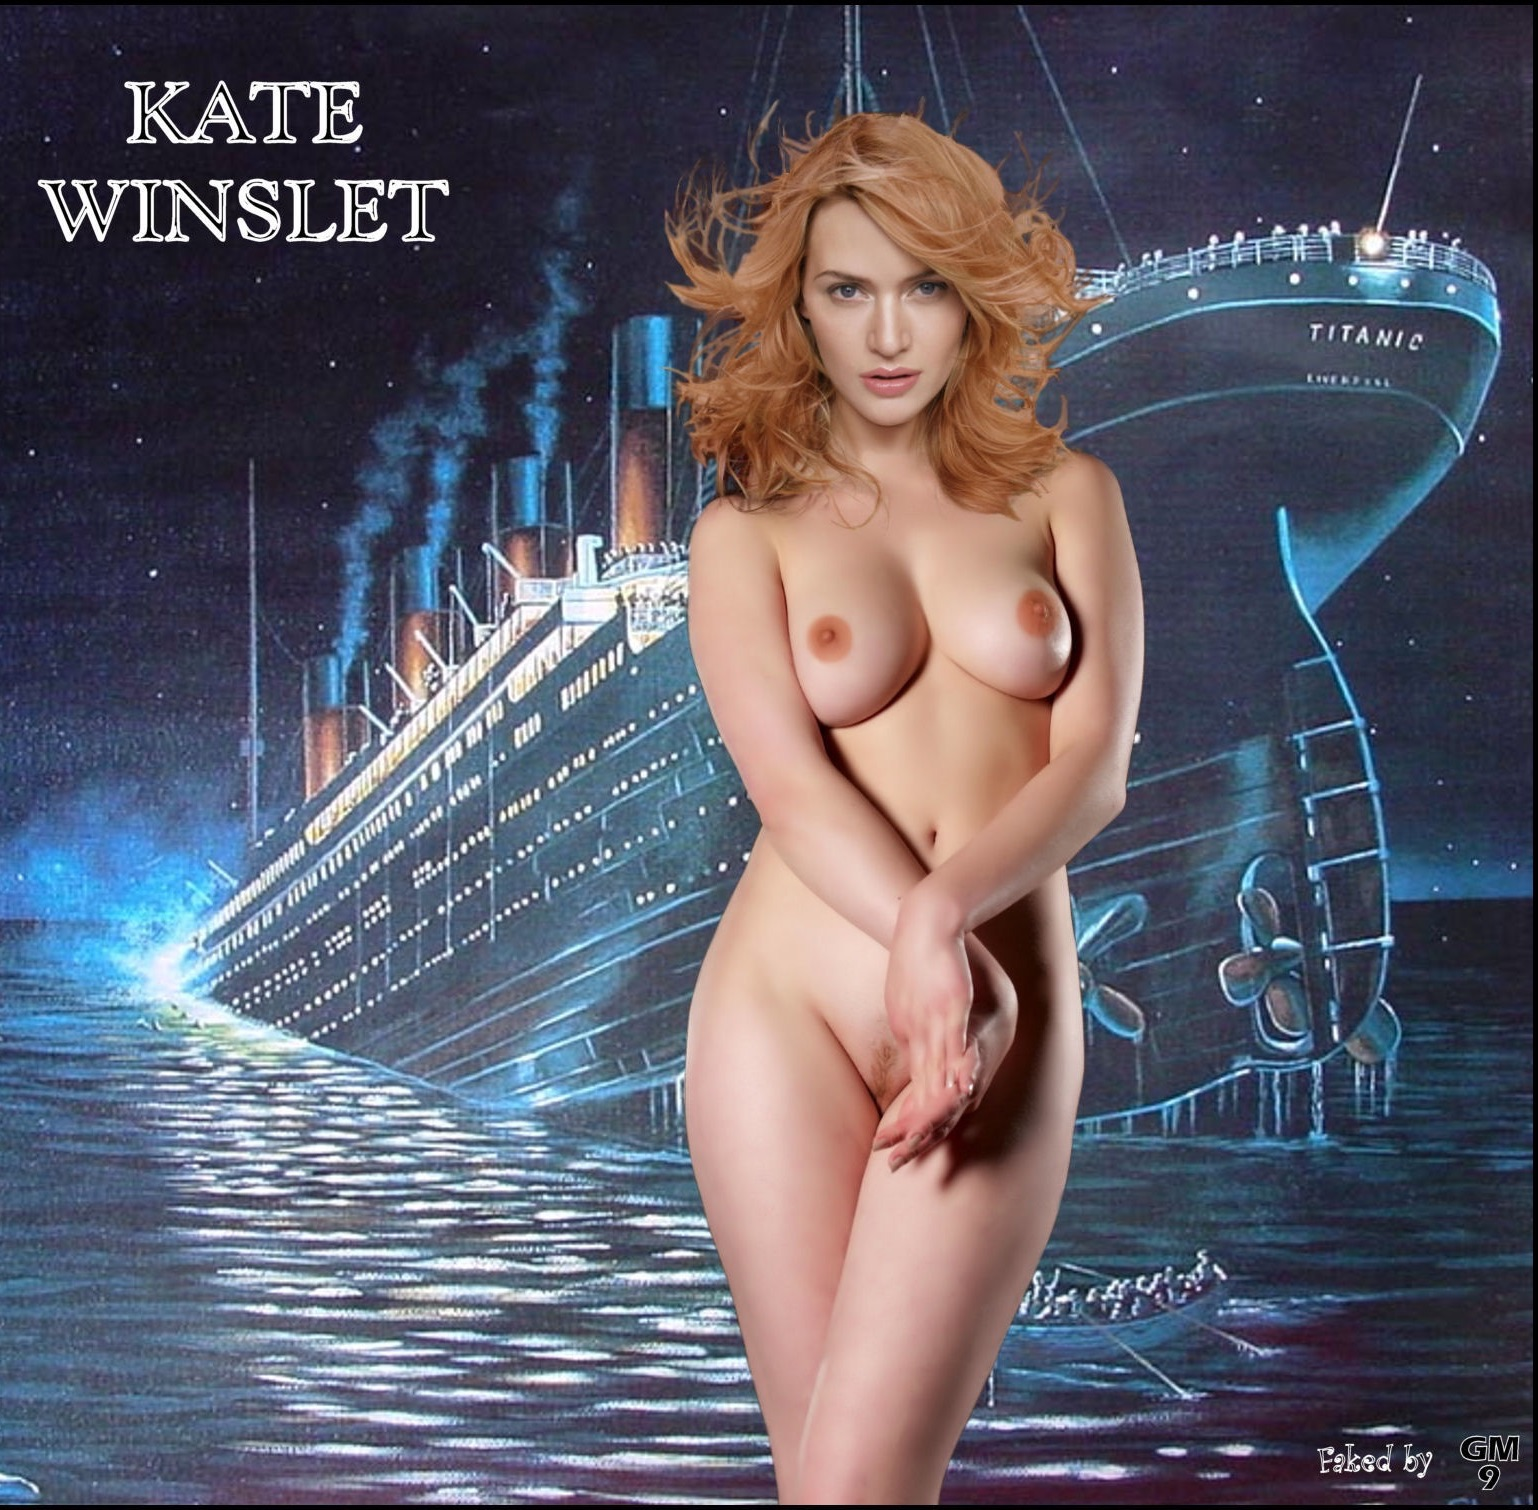 Kate Winslet Nude Titanic